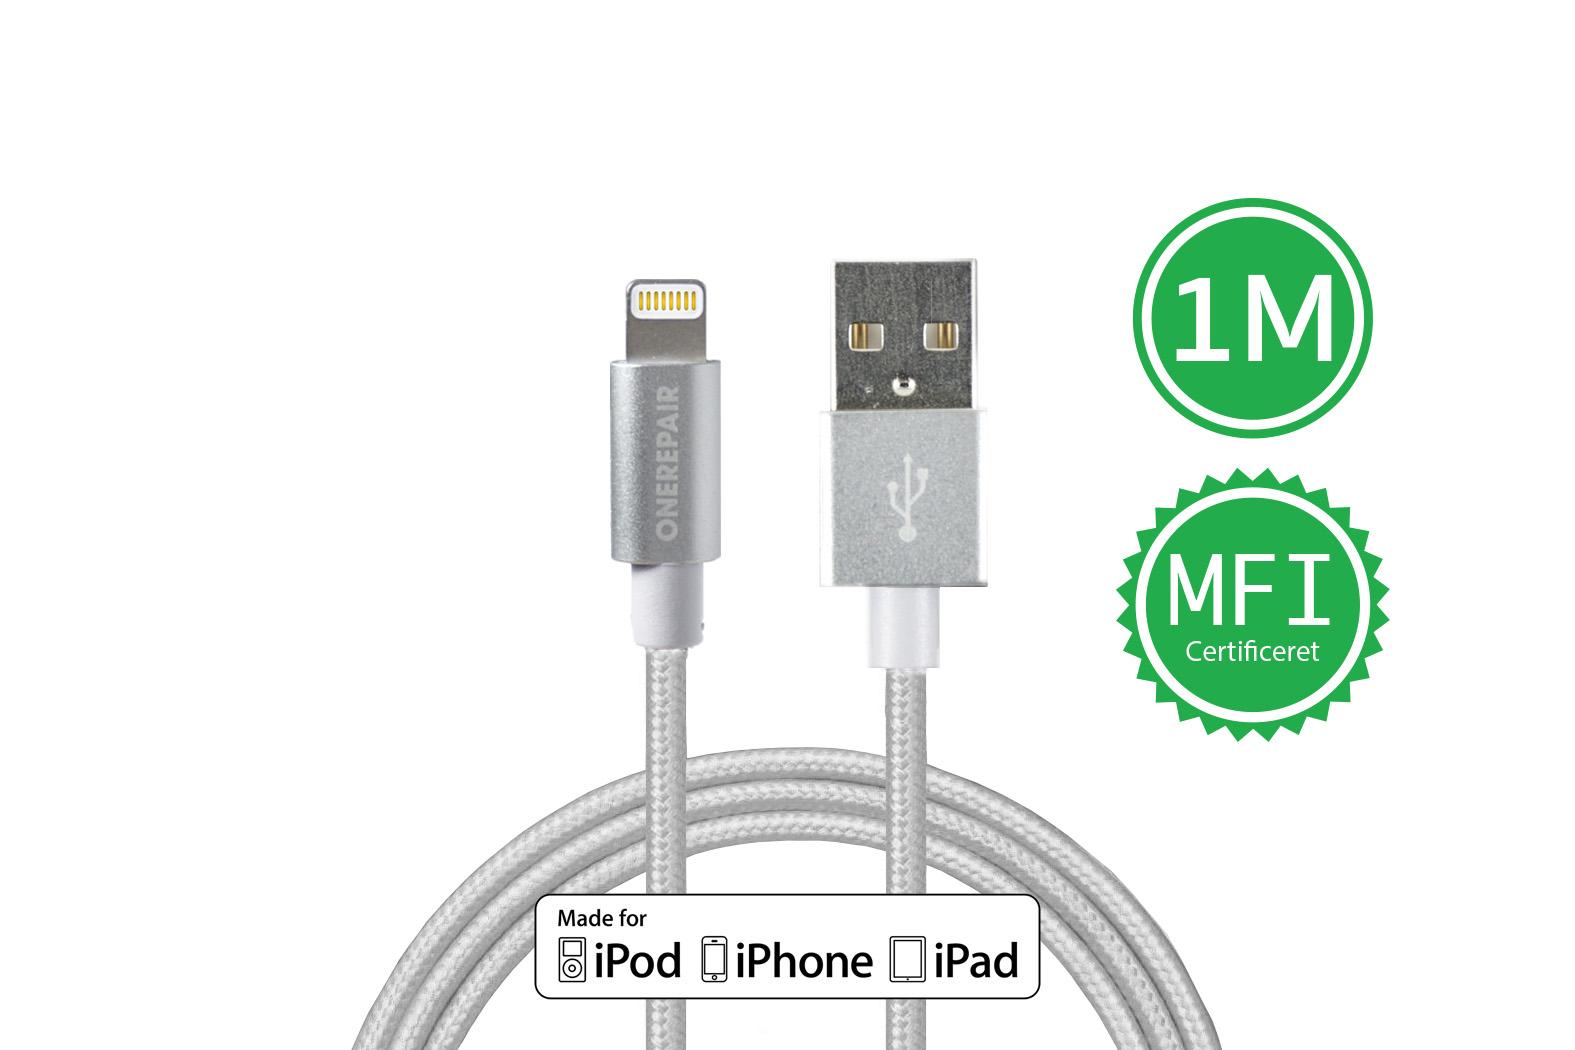 351210_OneRepair_Oplader_Kabel_Lightning_iPhone_Lader_Apple_Godkendt_1_Meter_Billigt_OneRepair_00001